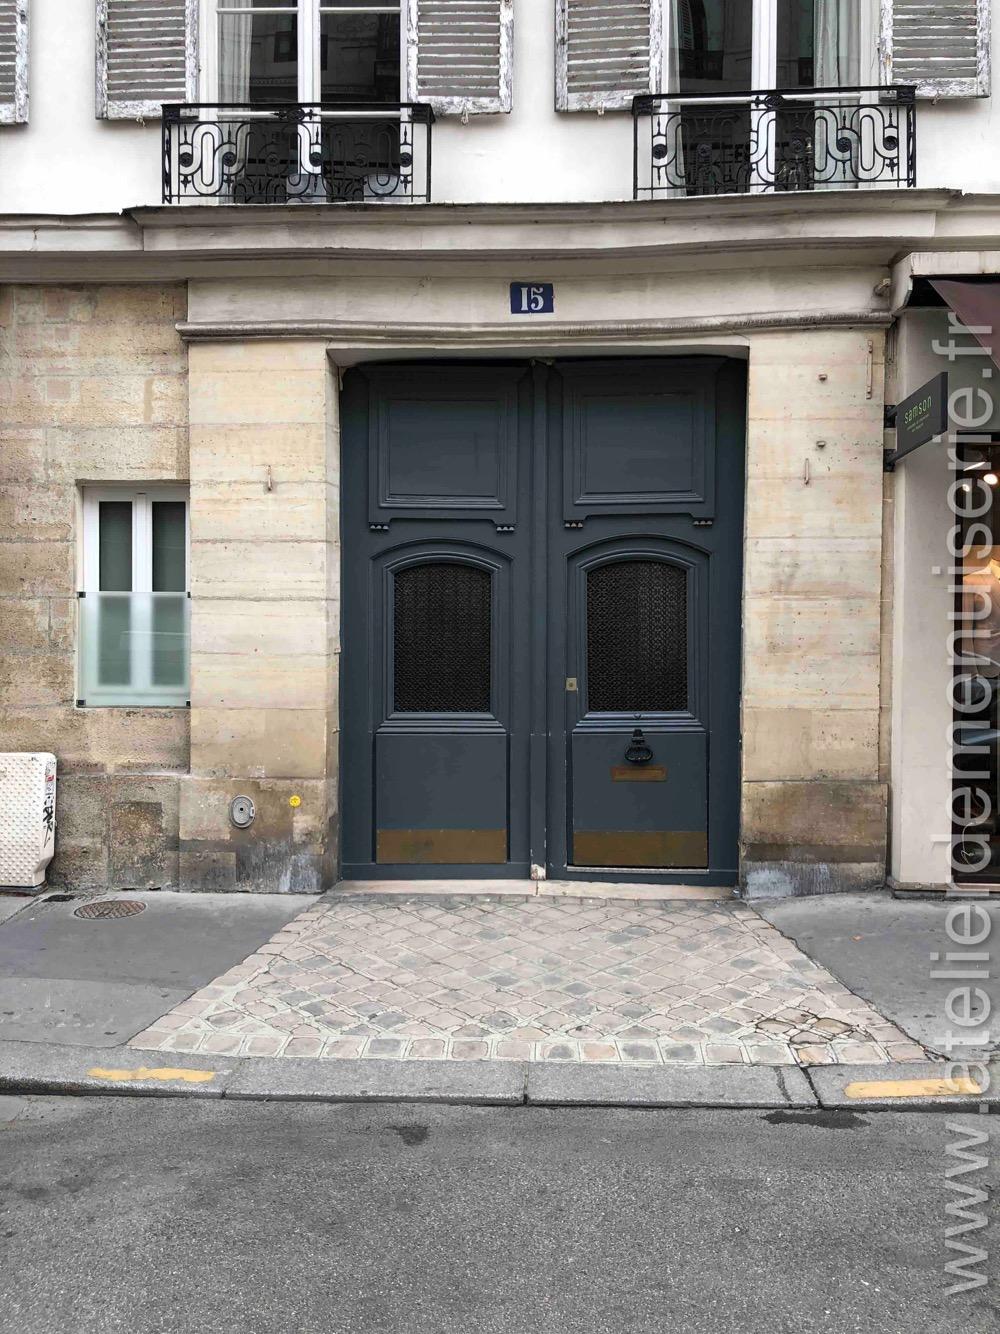 Porte Cochère - 15 RUE DE TOURNON PARIS 6